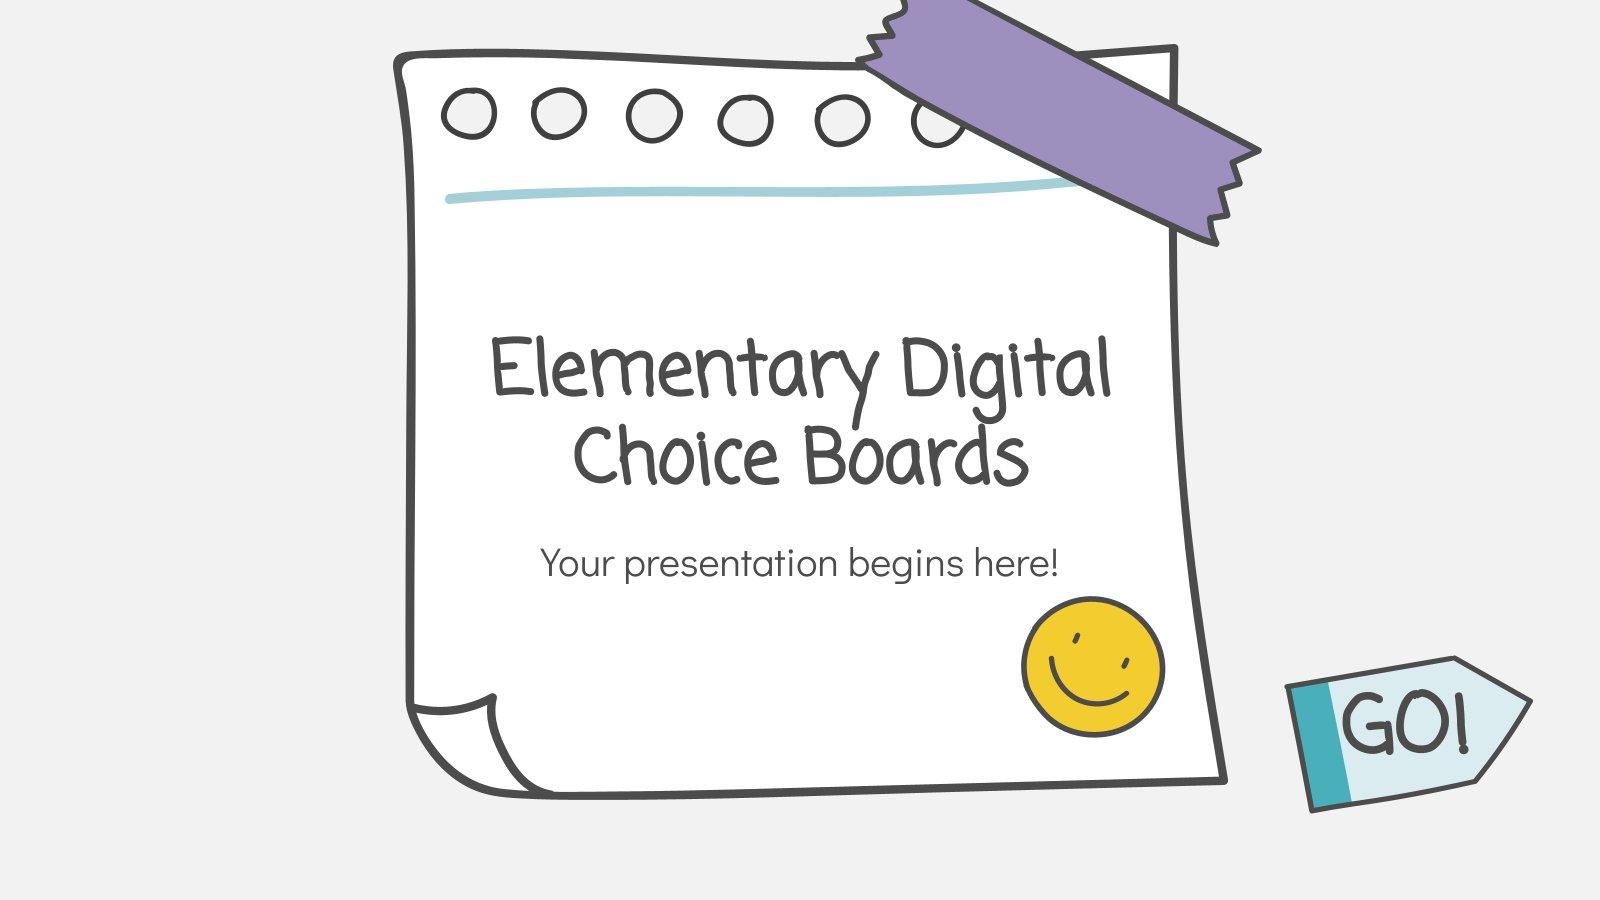 Tableau de sélection numérique Primaire : Modèles de présentation